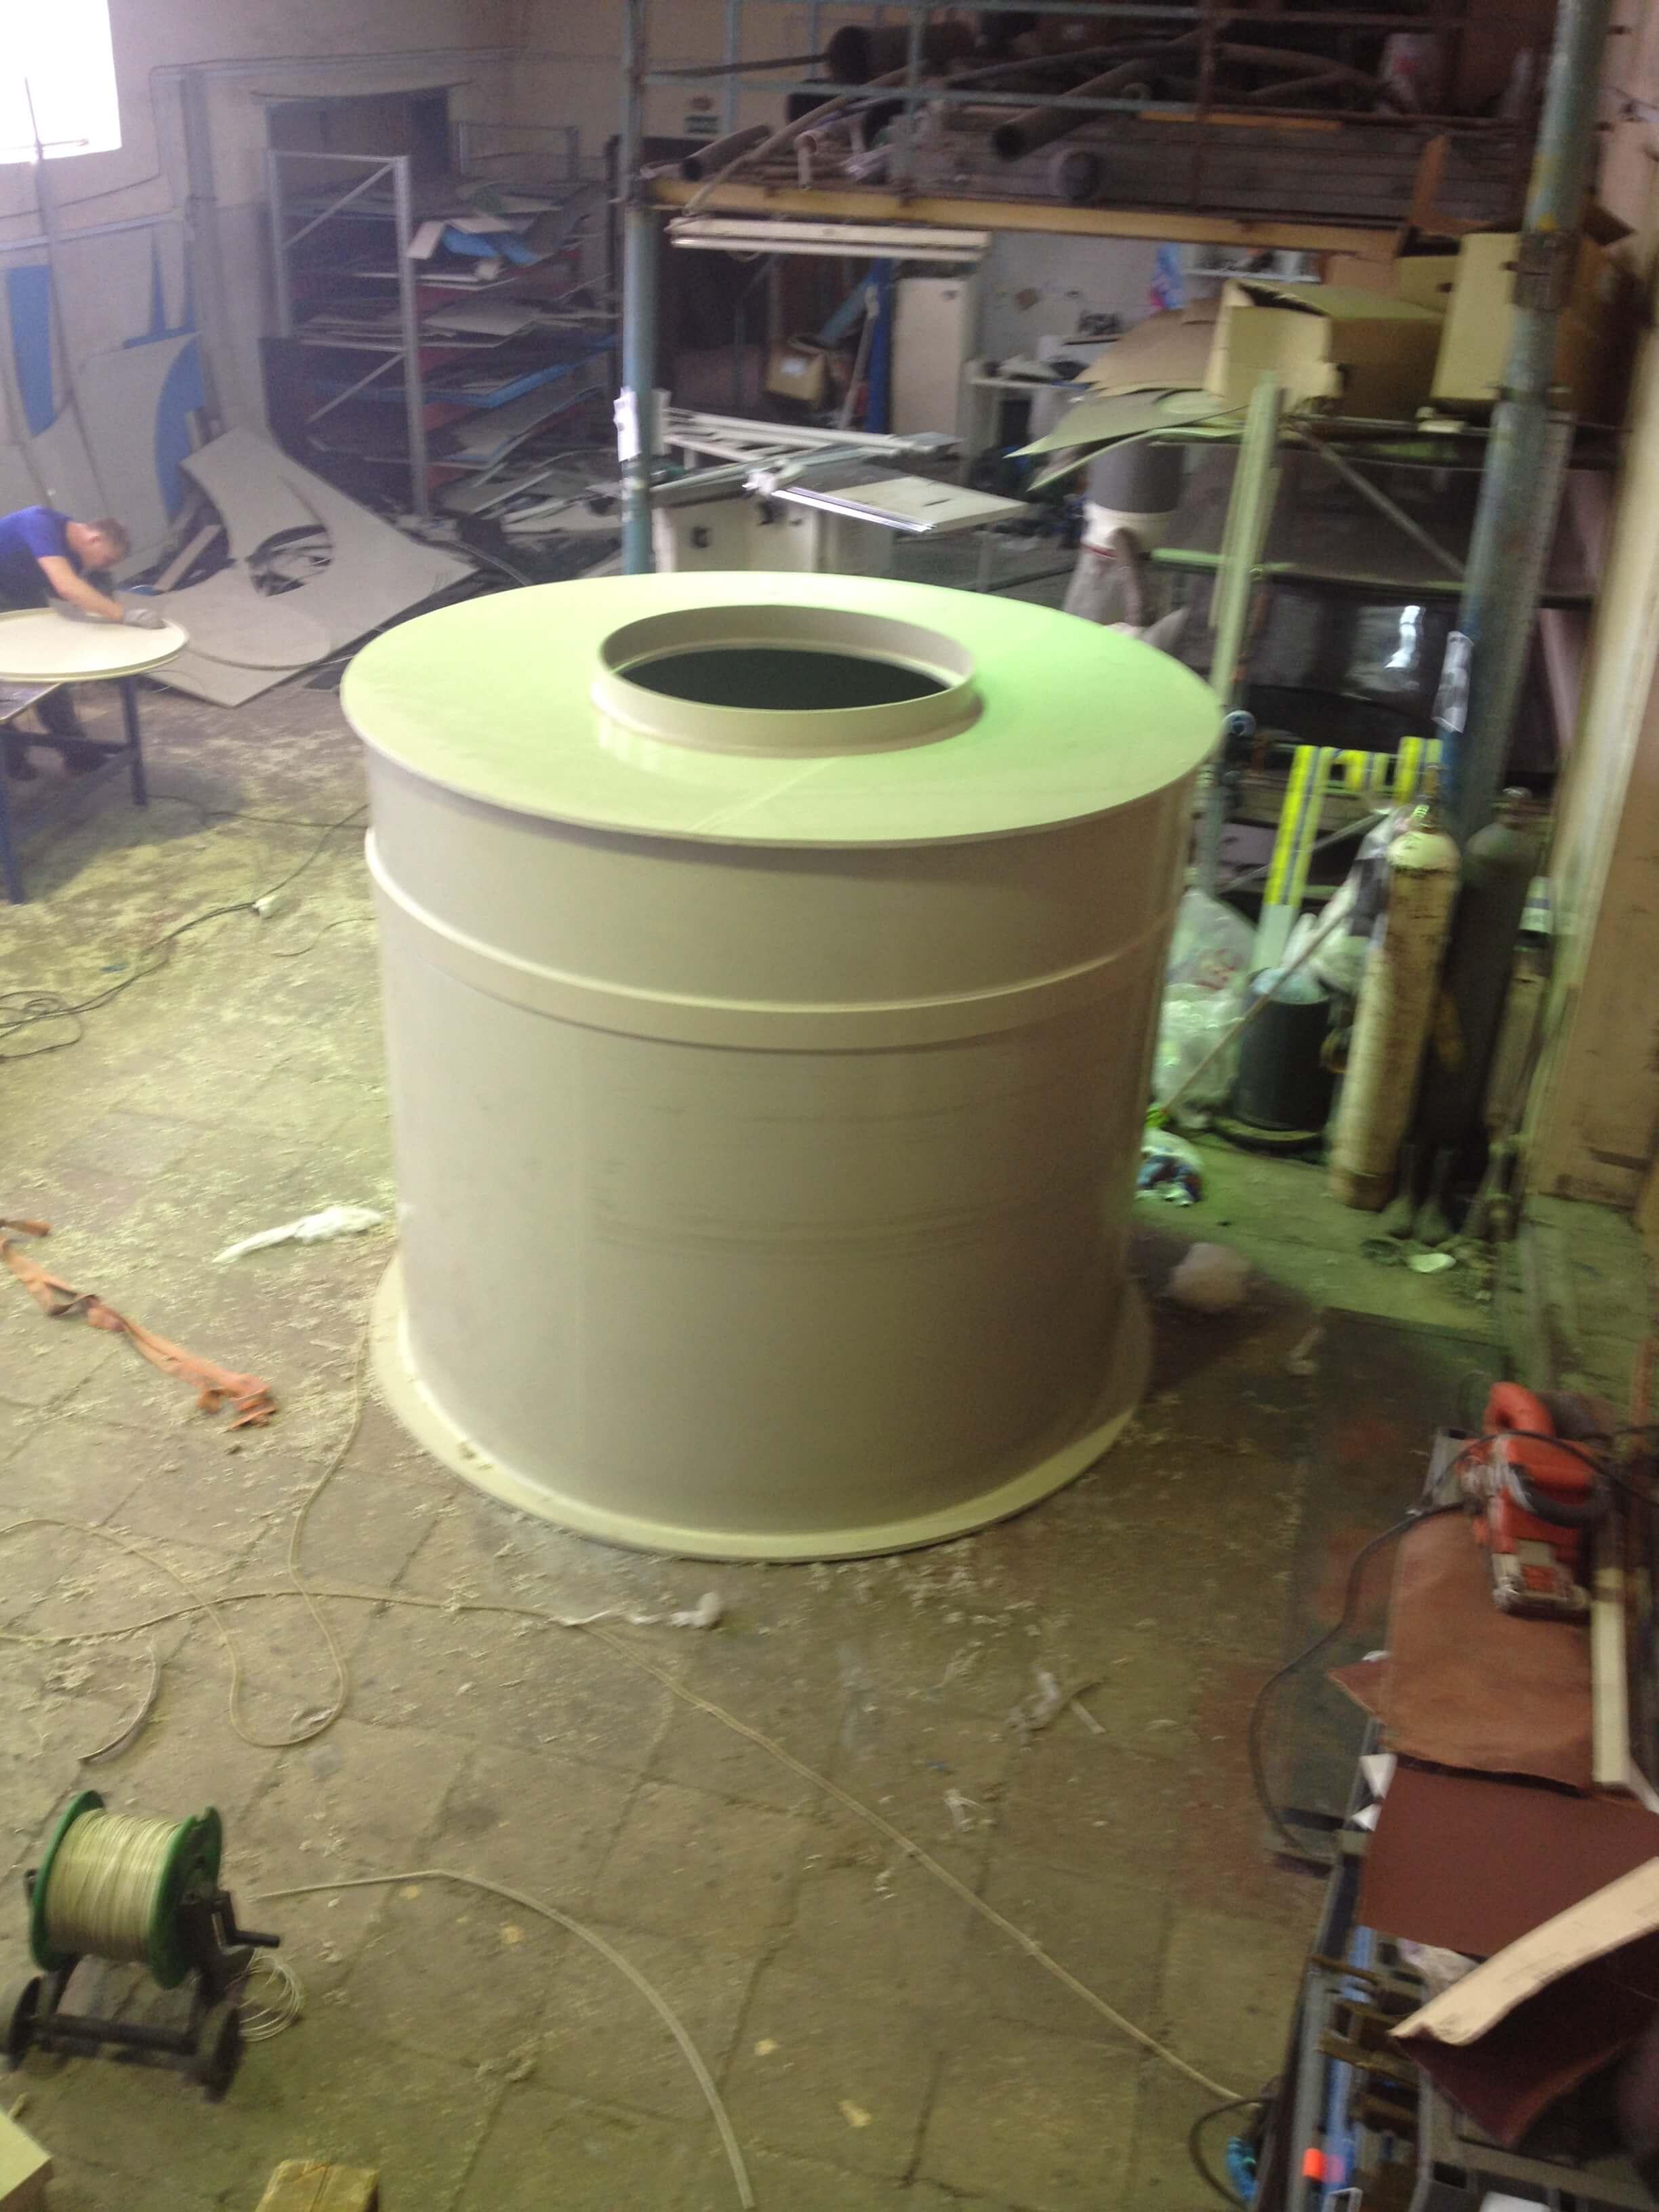 Фото №1. Емкость для питьевой воды на 3,2 м3 Ø1,5 Н 1,8. (Вид 1)